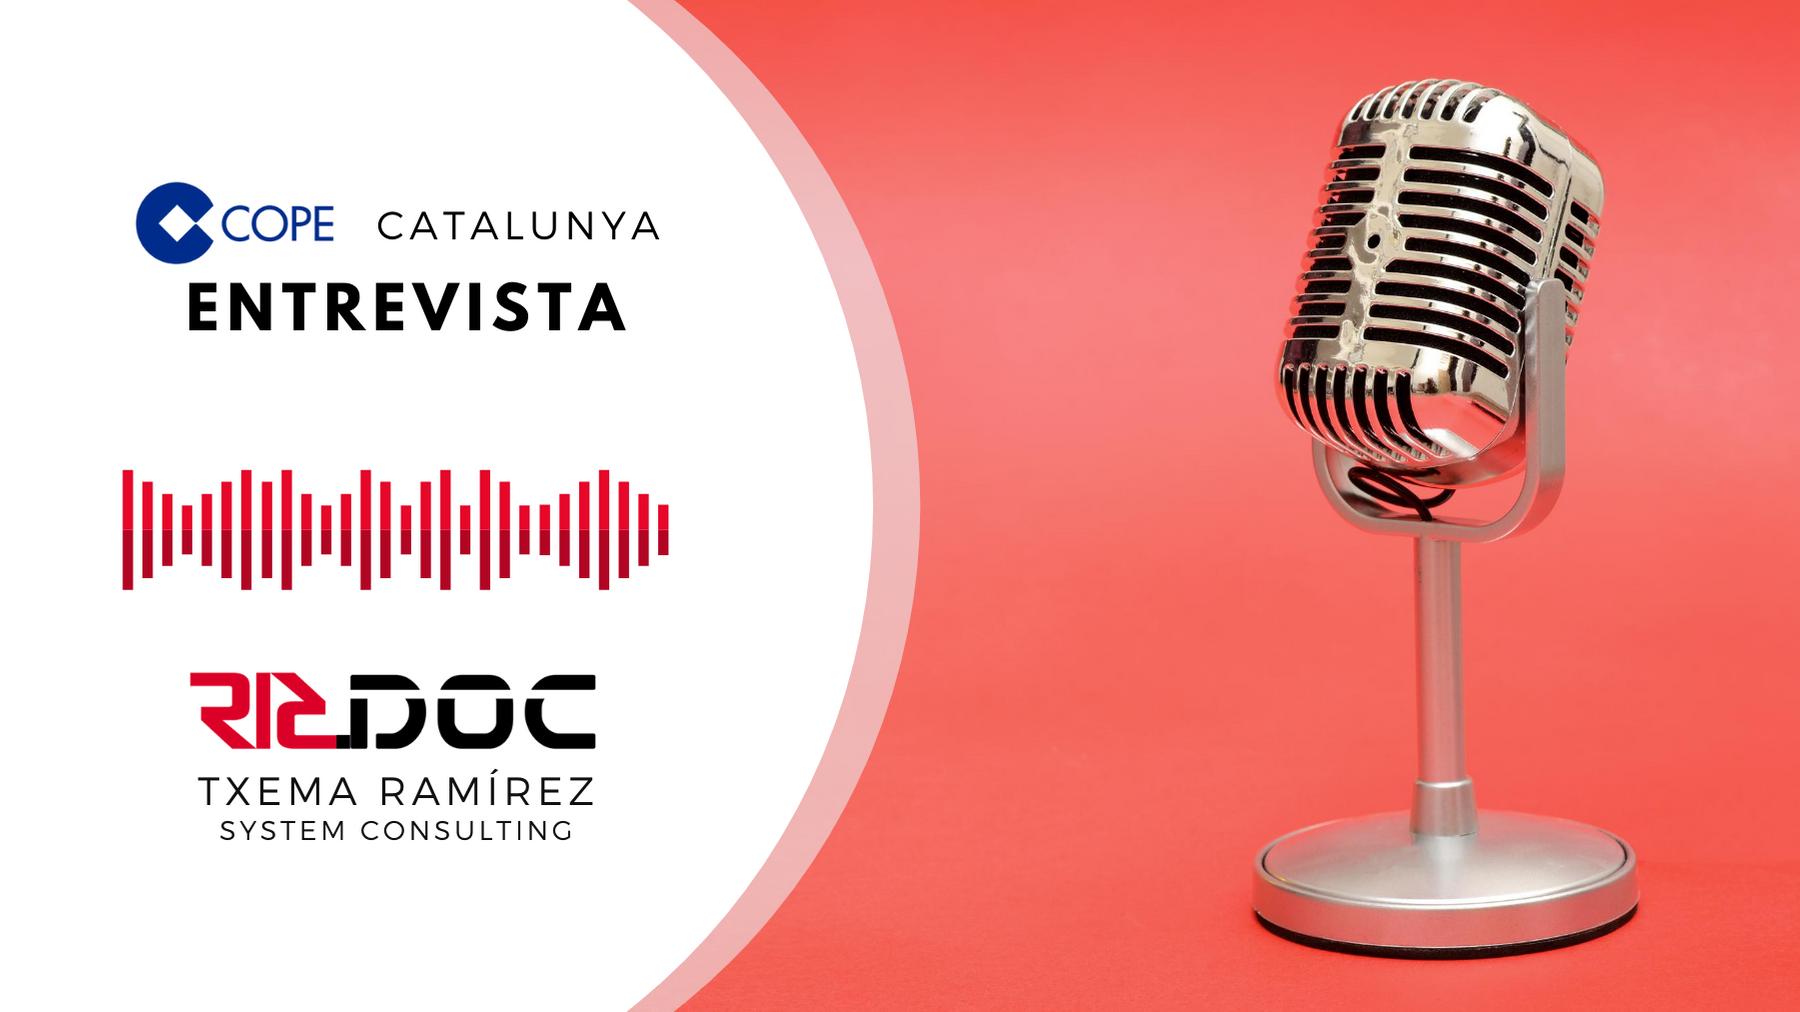 Entrevista en la COPE Catalunya